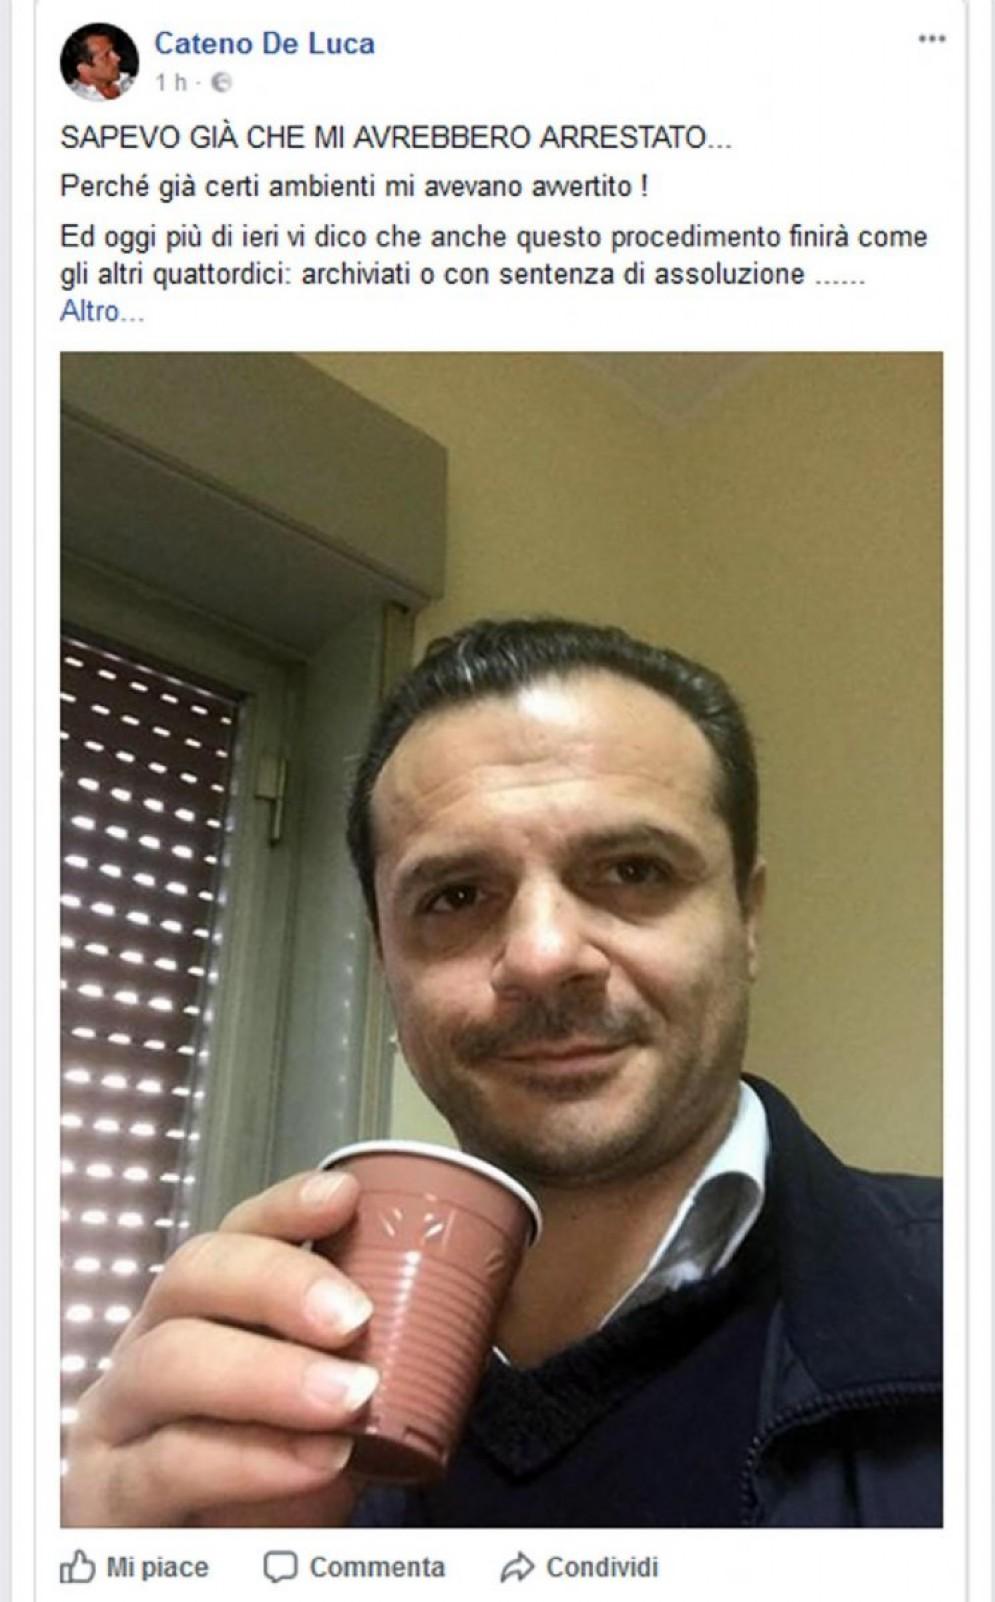 Una foto tratta dal profilo Facebook del neo deputato regionale dell'Udc Cateno De Luca arrestato con l'accusa di evasione fiscale e posto ai domiciliari